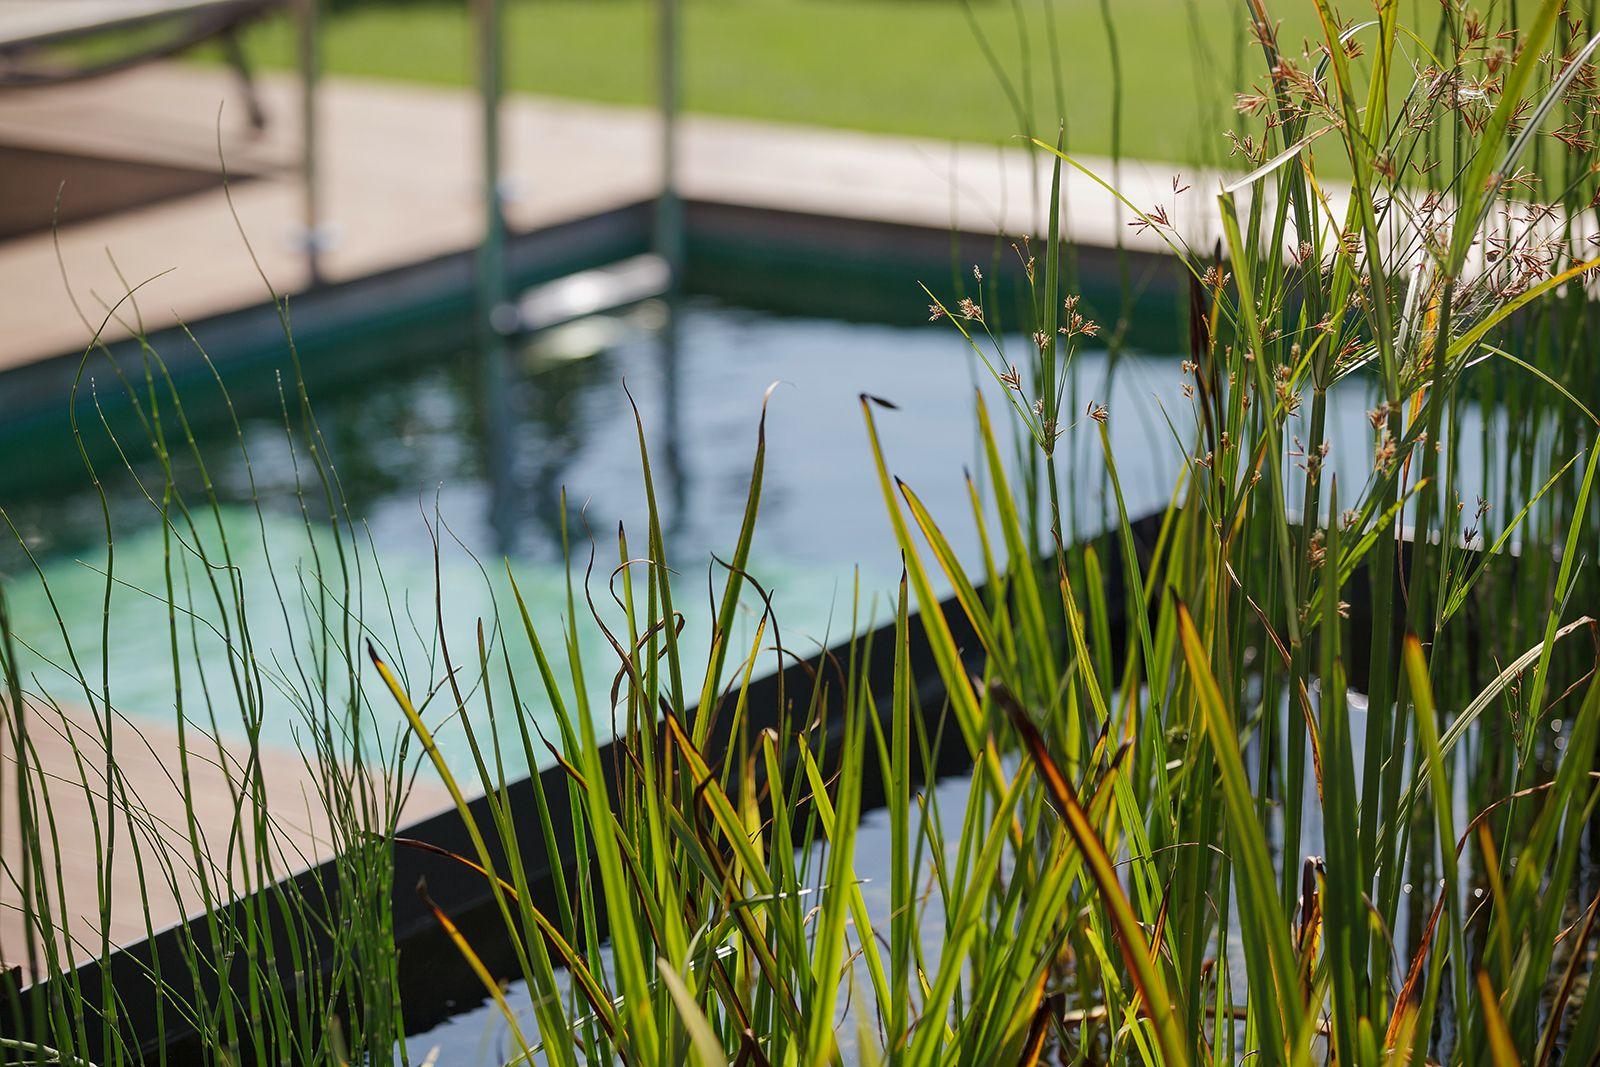 Eingerahmt von Pflanzen wirkt dieser Schwimmteich sehr natürlich